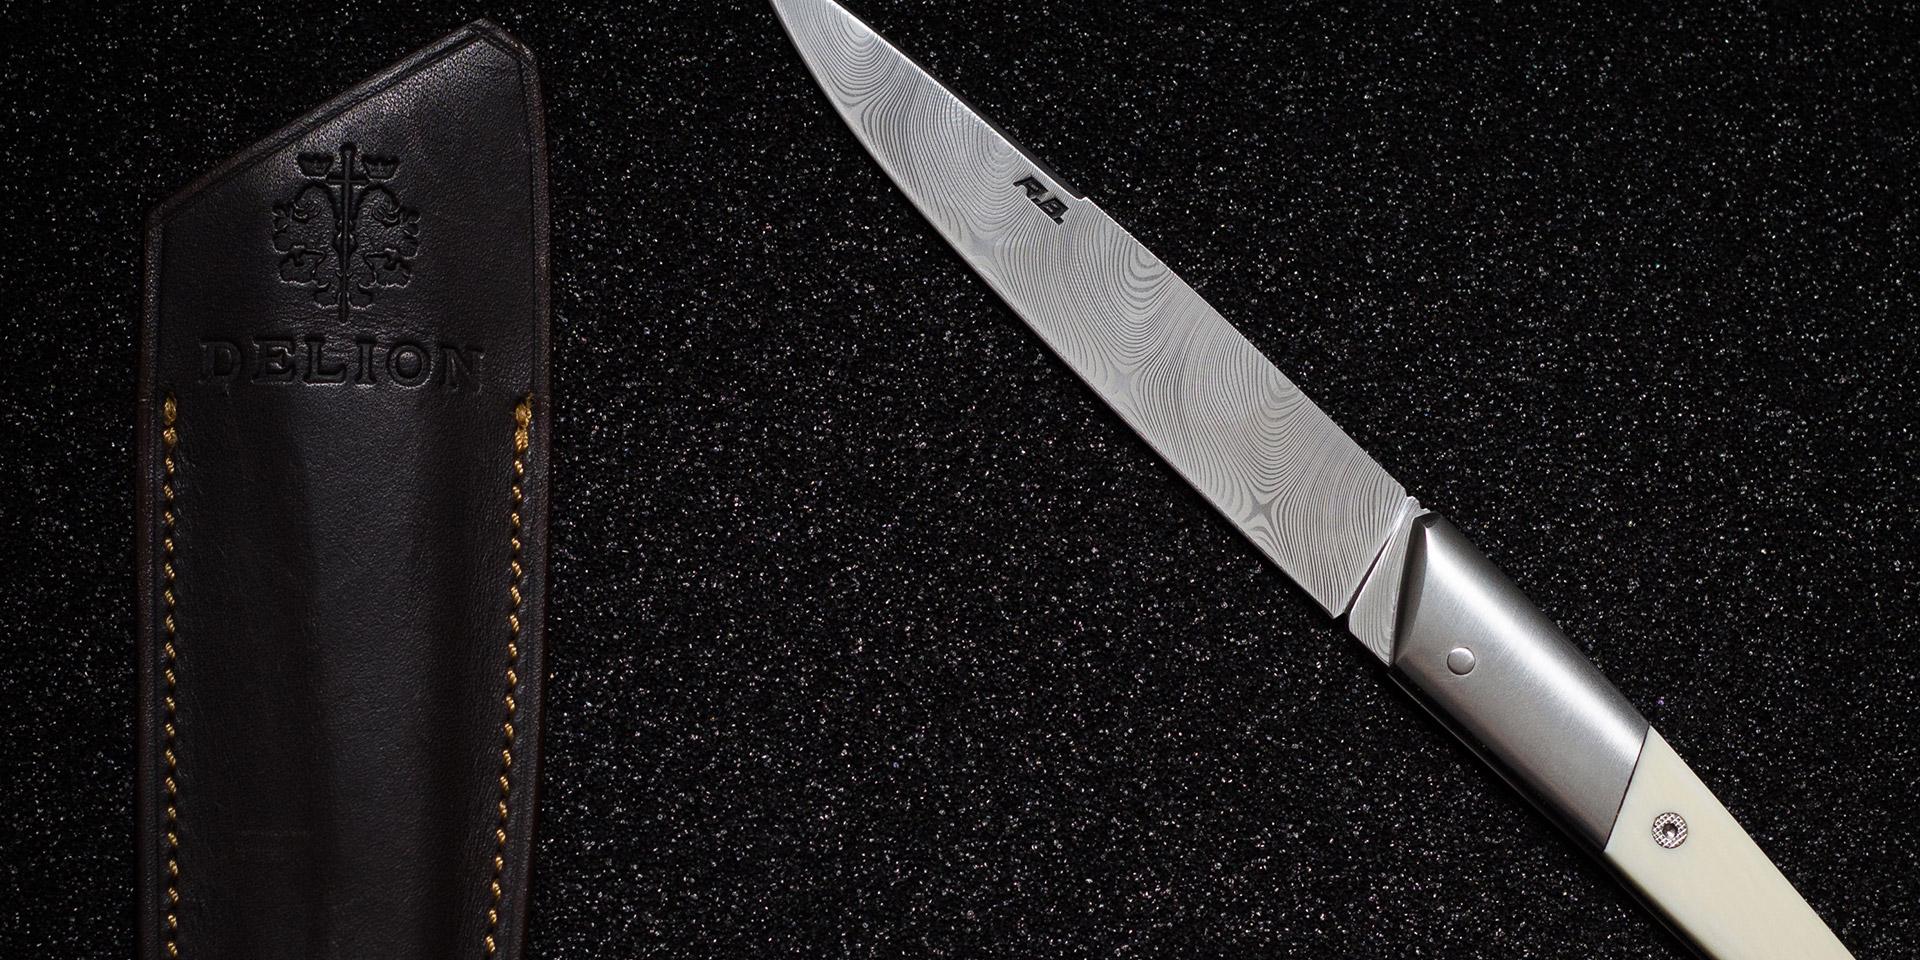 Le Lyonnais knife and Delion case